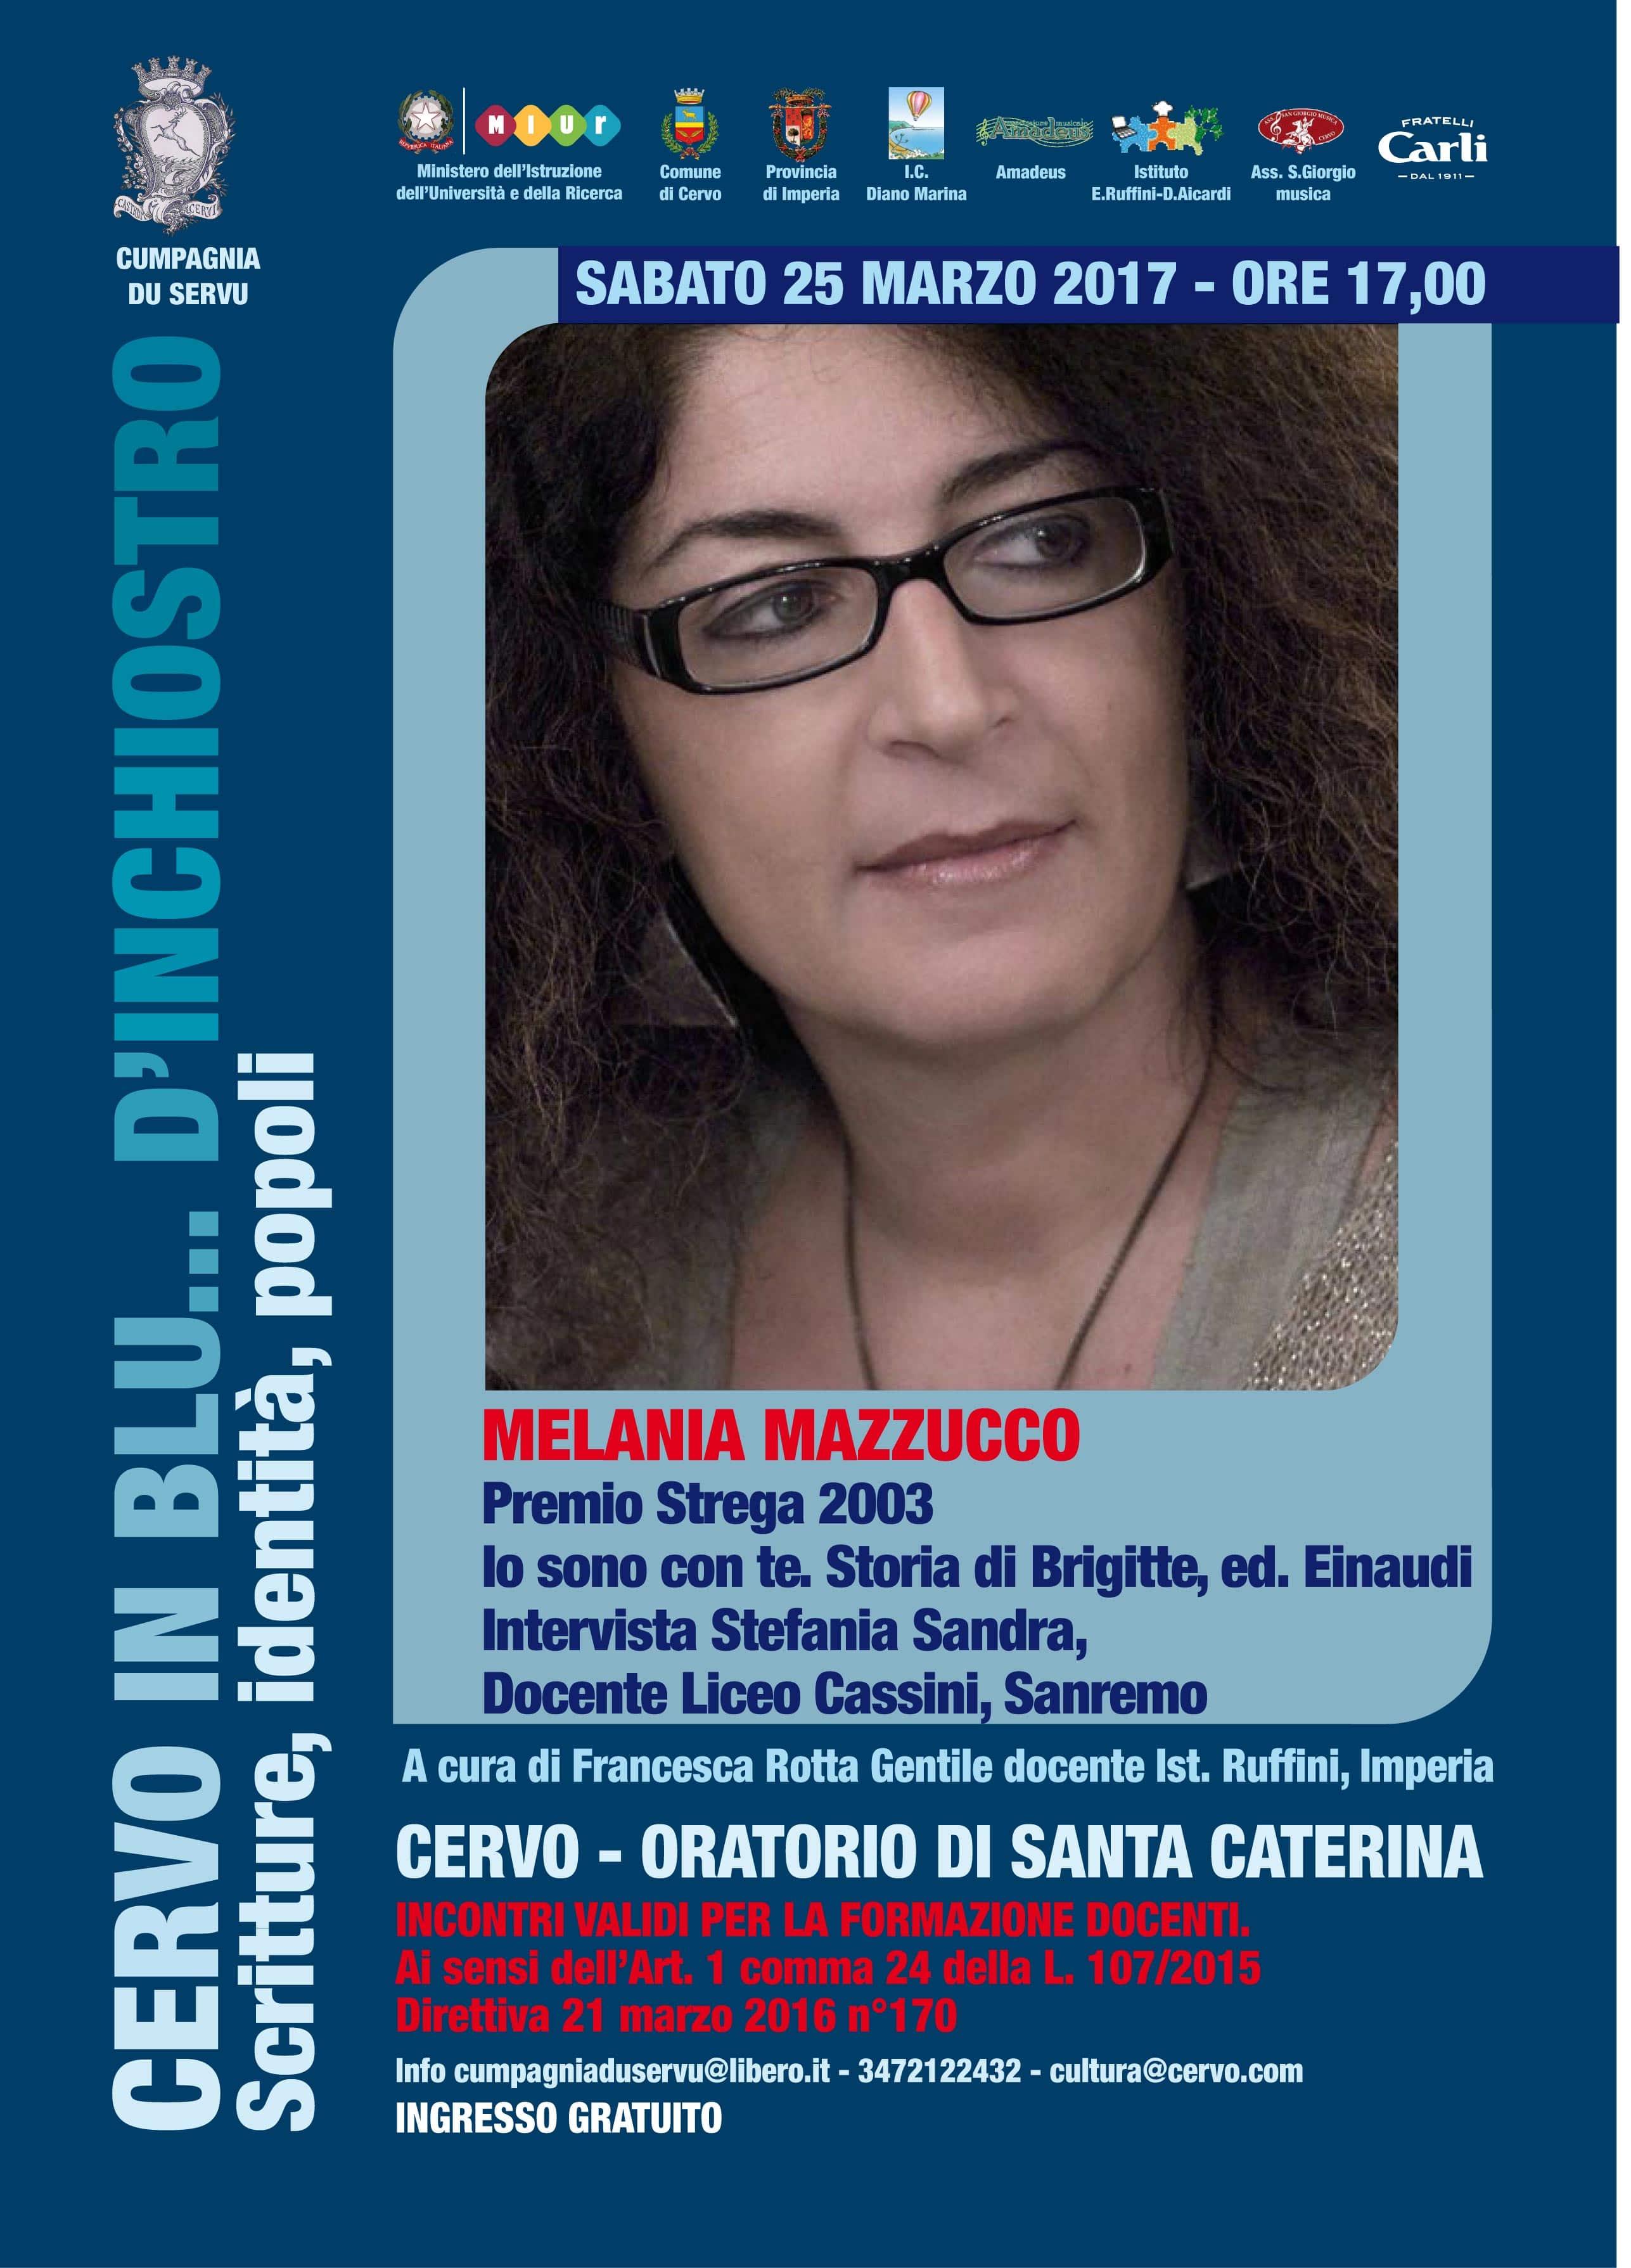 """La scrittirce farà tappa all'Oratorio di Santa Caterina il 25 marzo per """"Cervo in blu...d'inchiostro"""""""